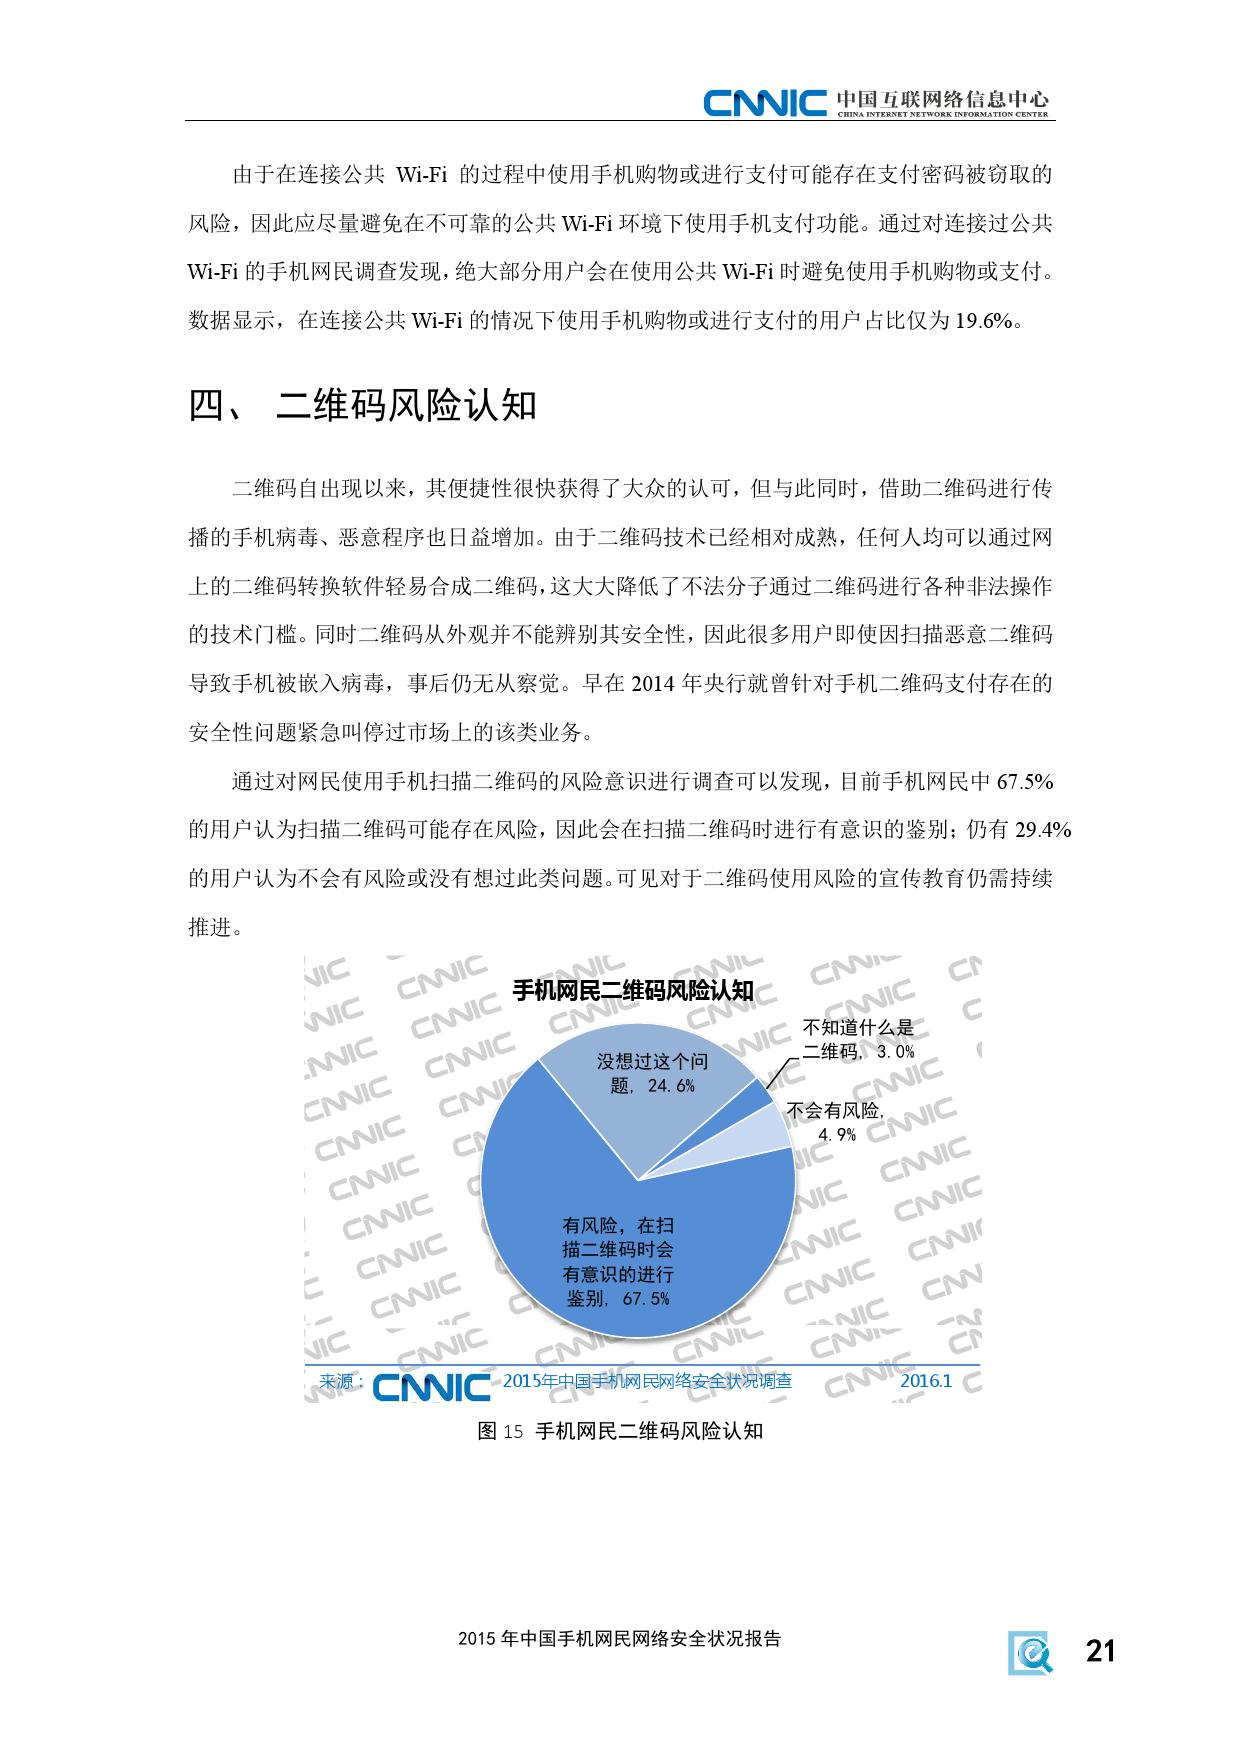 2015年中国手机网民网络安全状况报告_000027